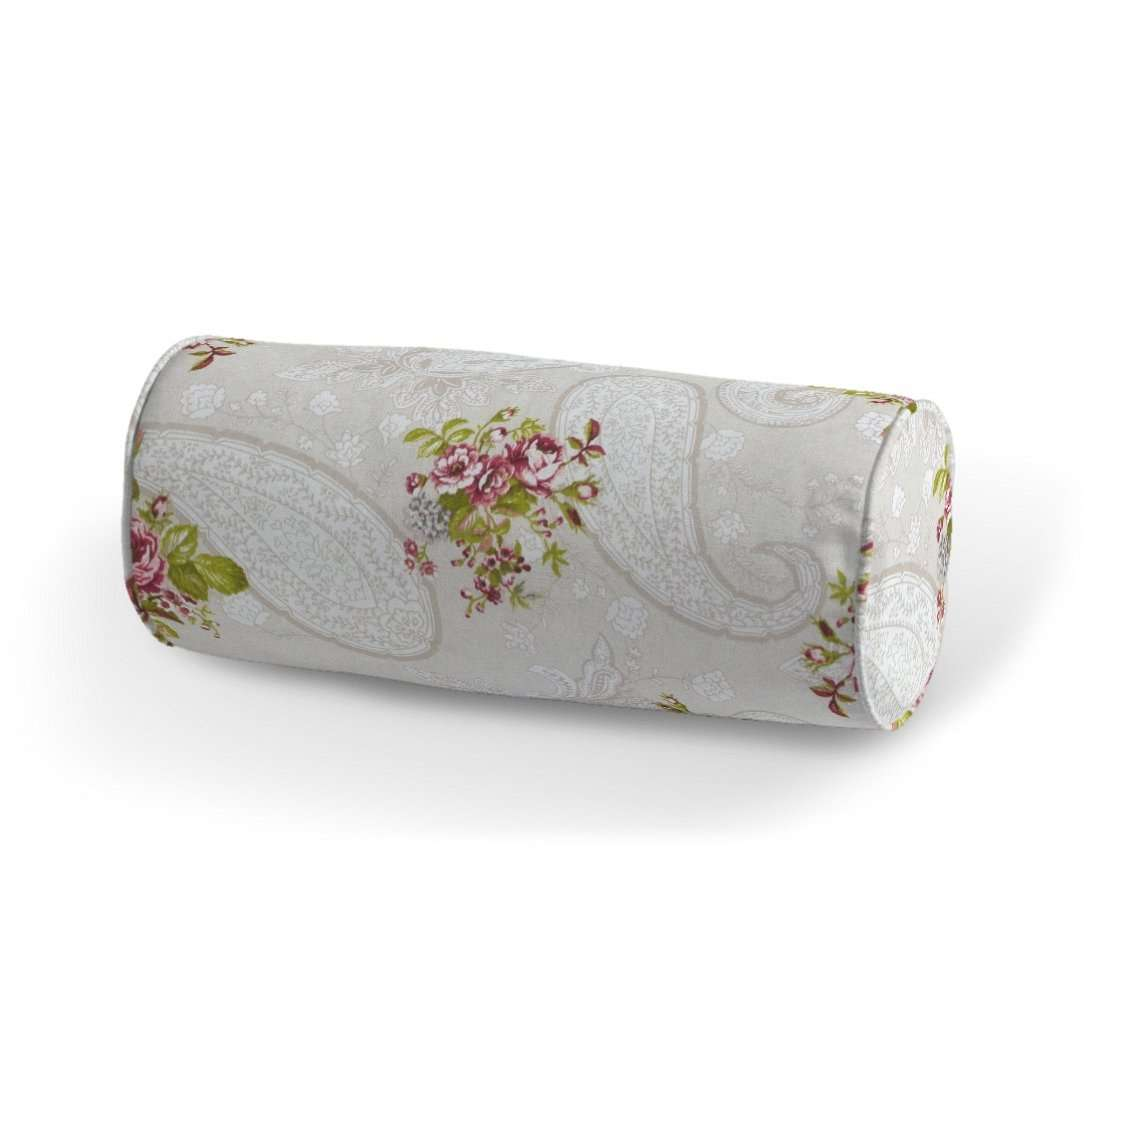 Poduszka wałek prosty Ø 16 x 40 cm w kolekcji Flowers, tkanina: 311-15